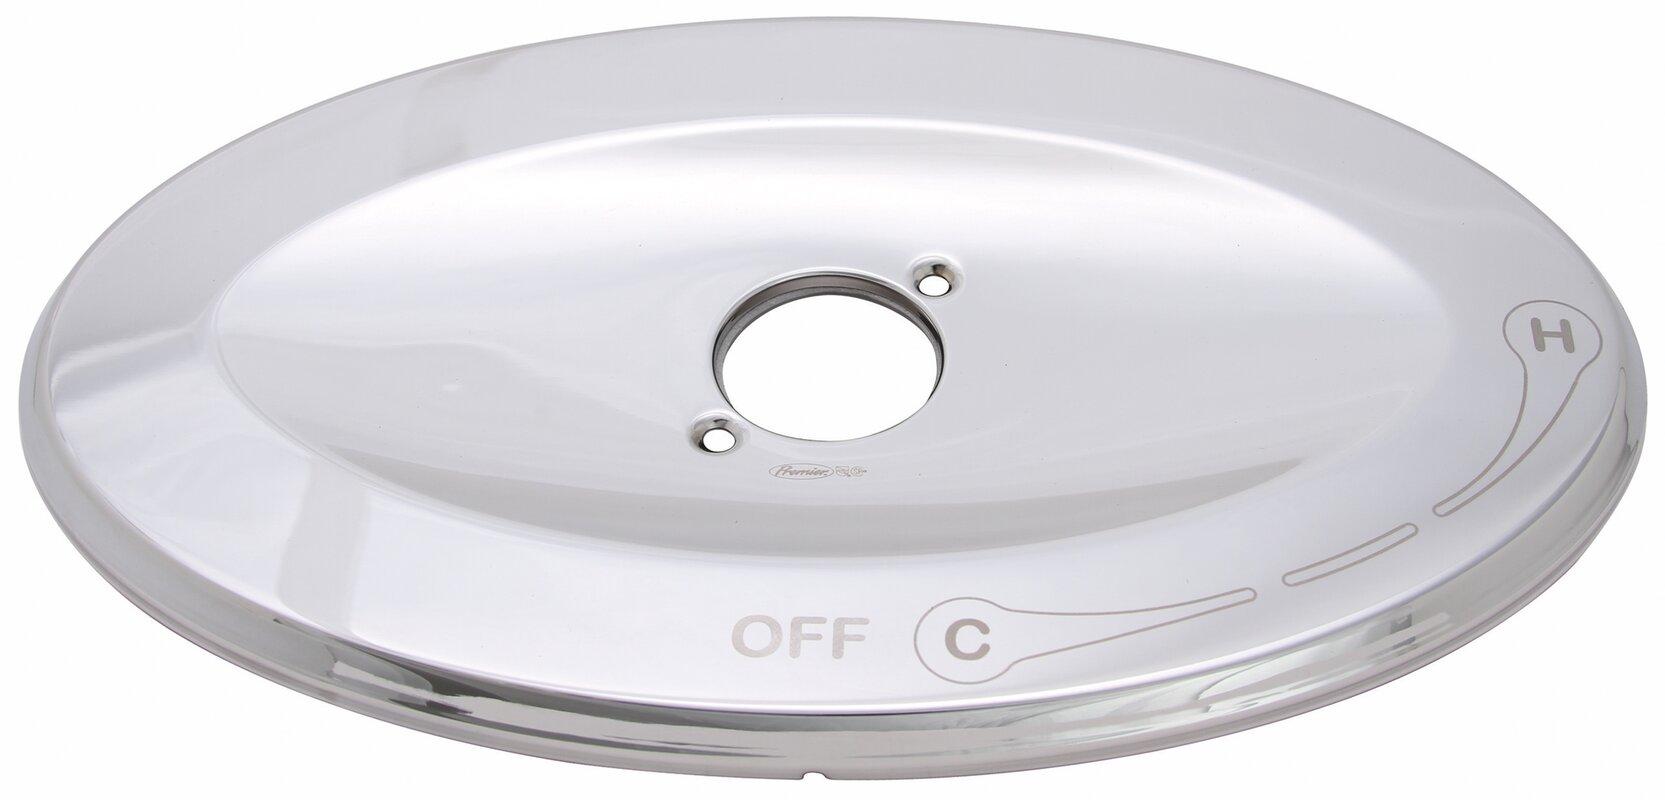 Premier Faucet Parts & Components You\'ll Love | Wayfair